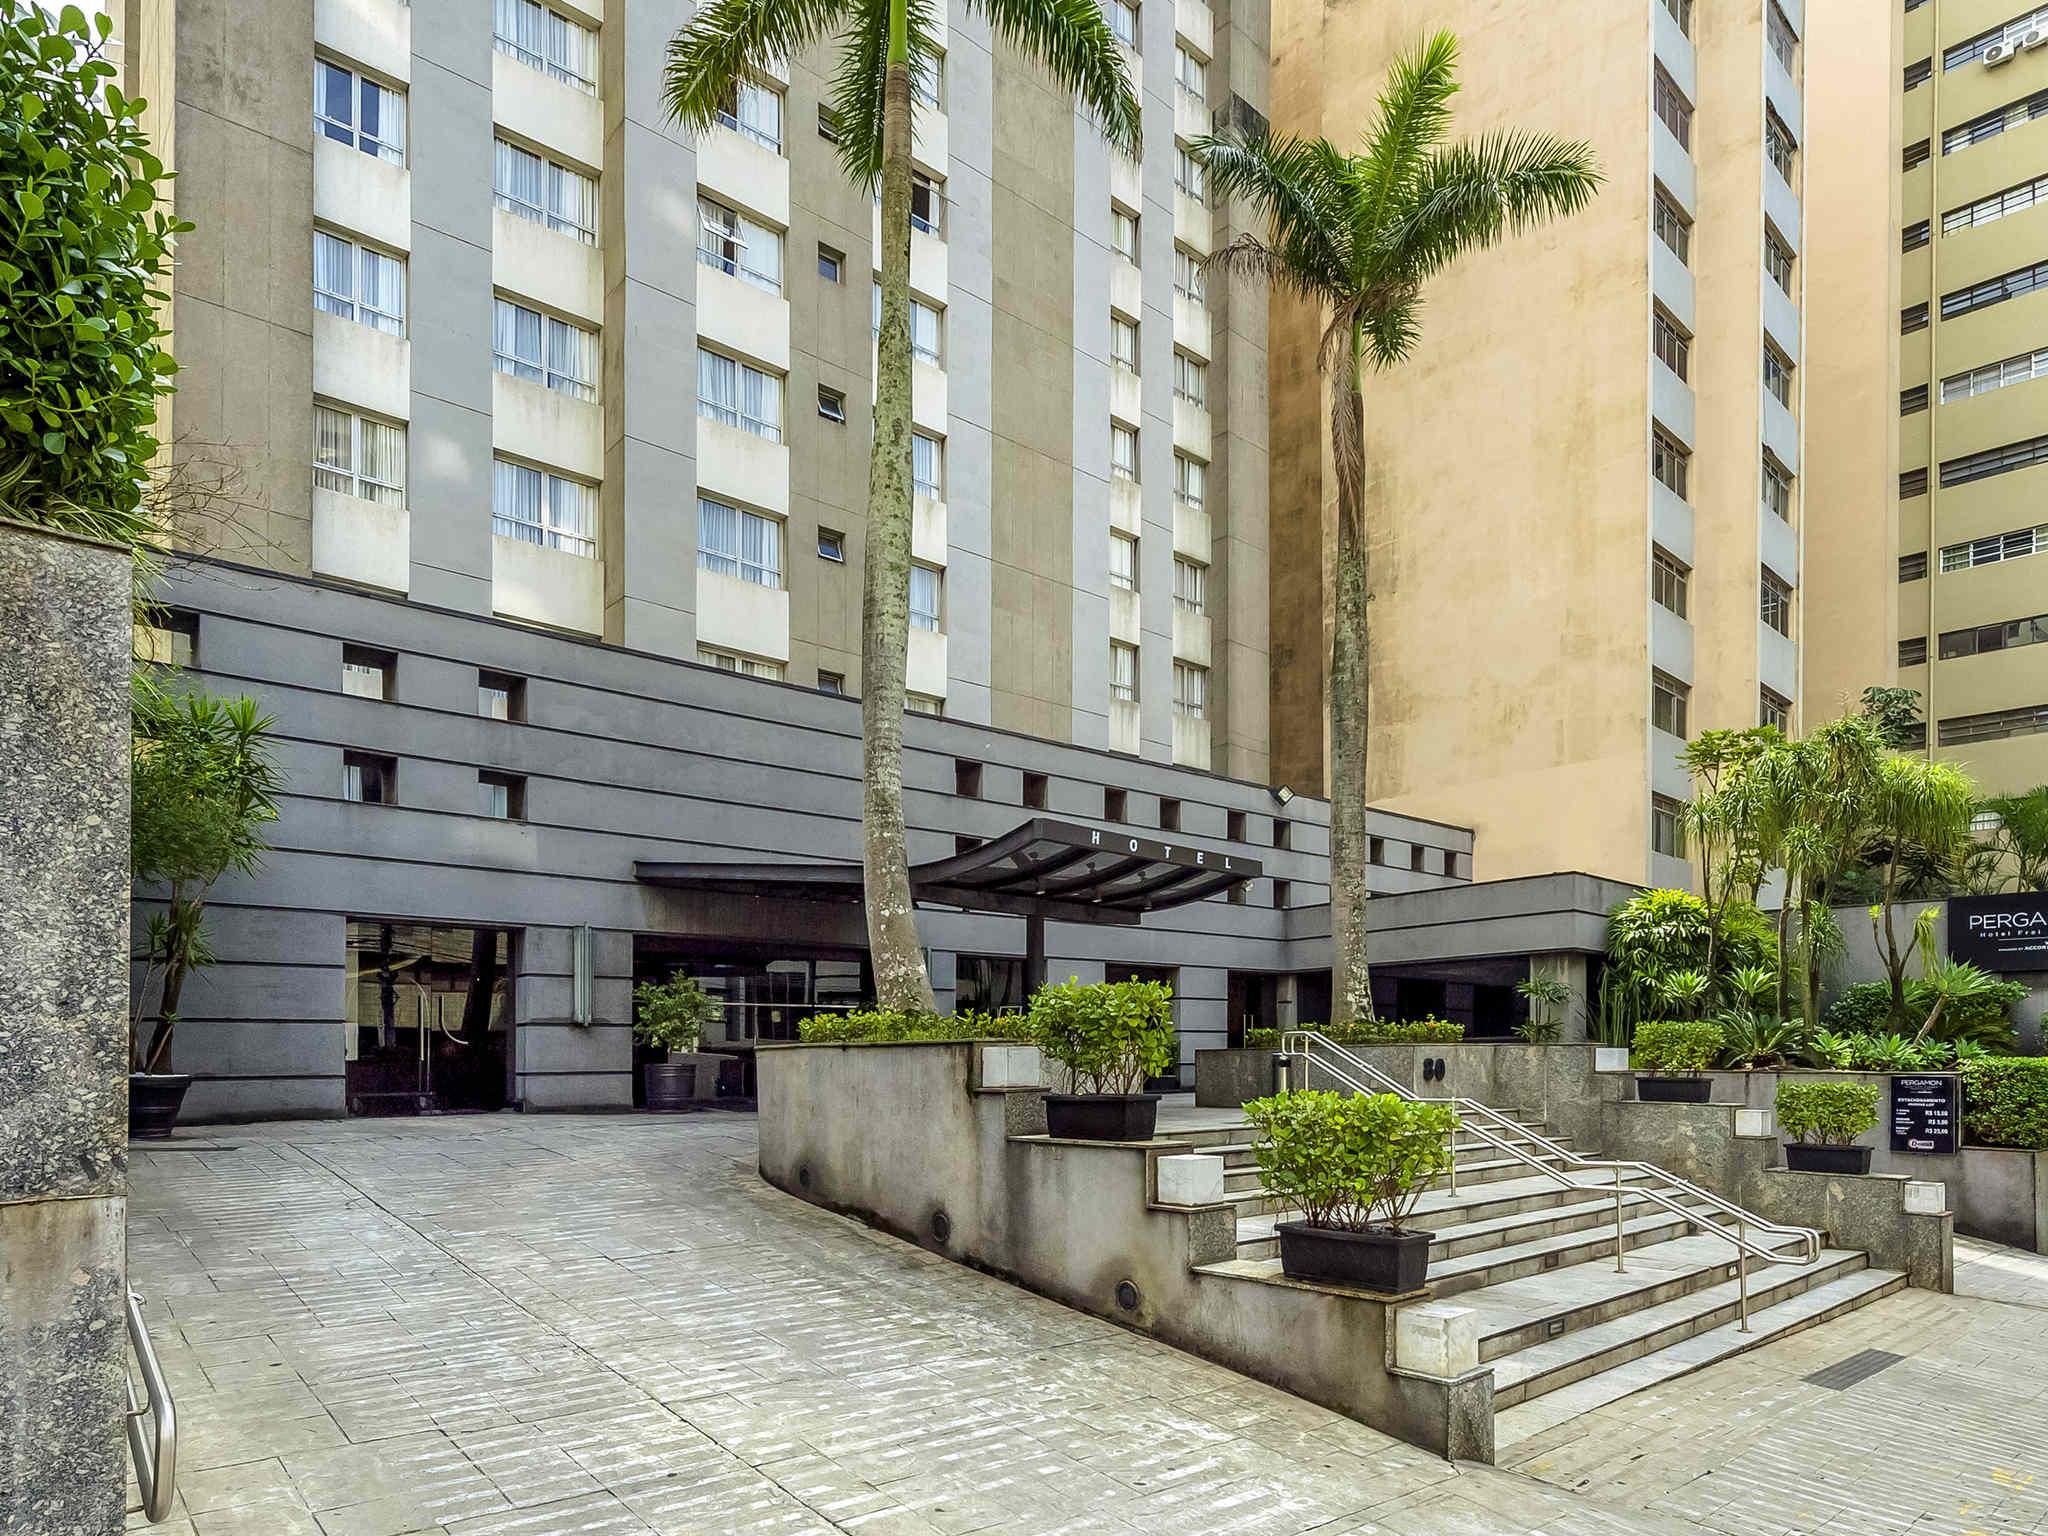 Hôtel - Pergamon Hotel Frei Caneca - géré par AccorHotels